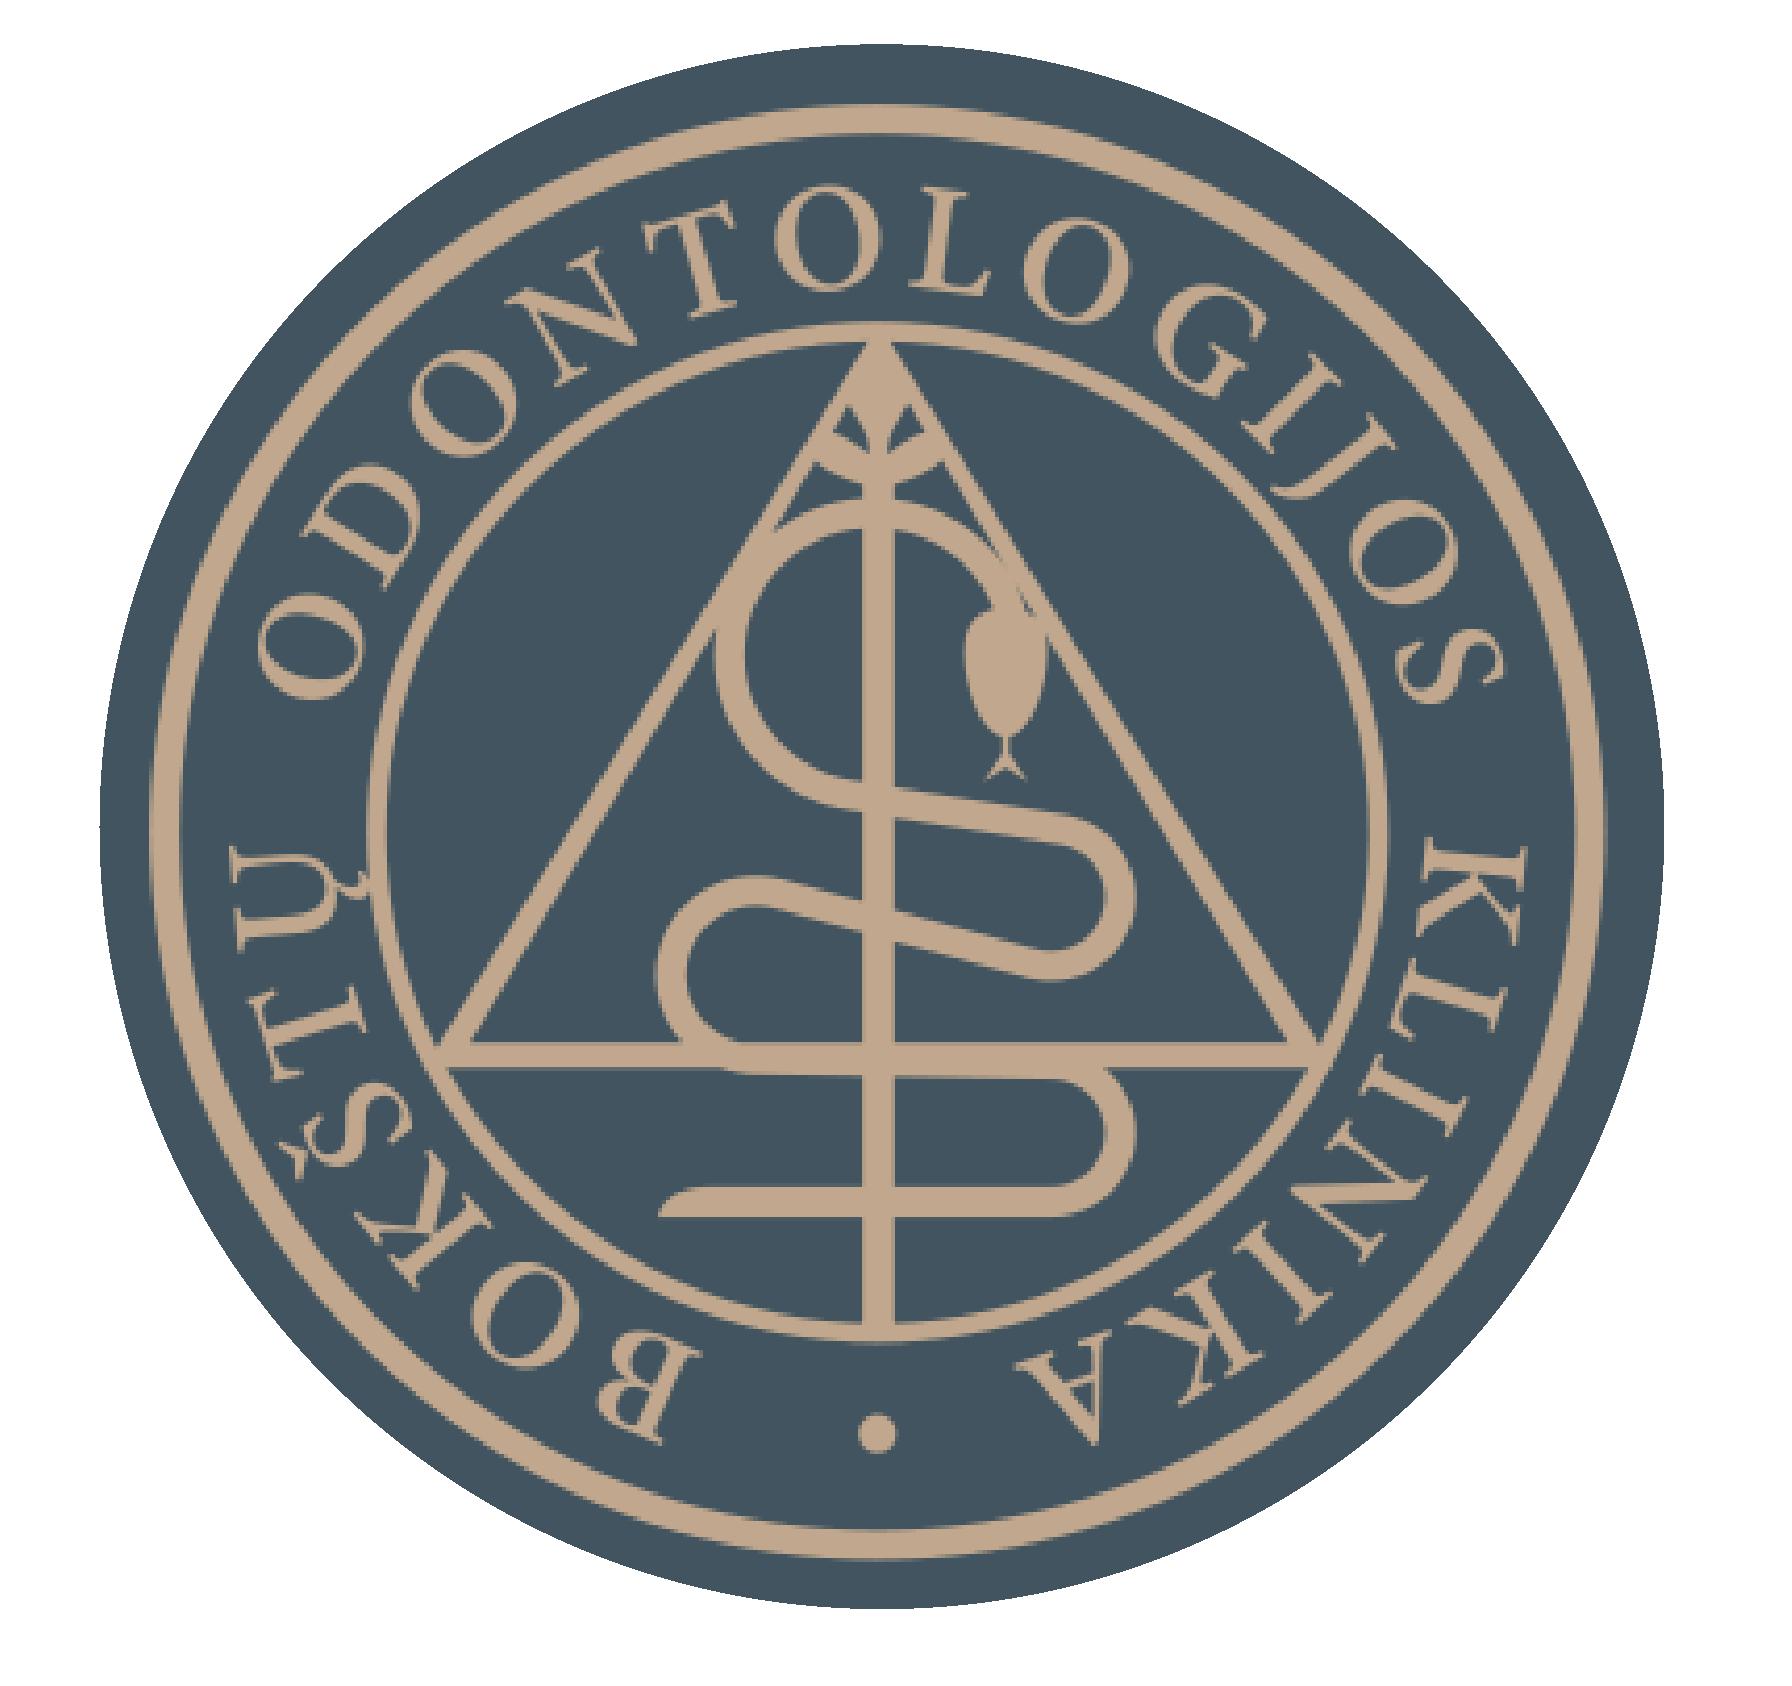 Bokštų odontologijos klinika